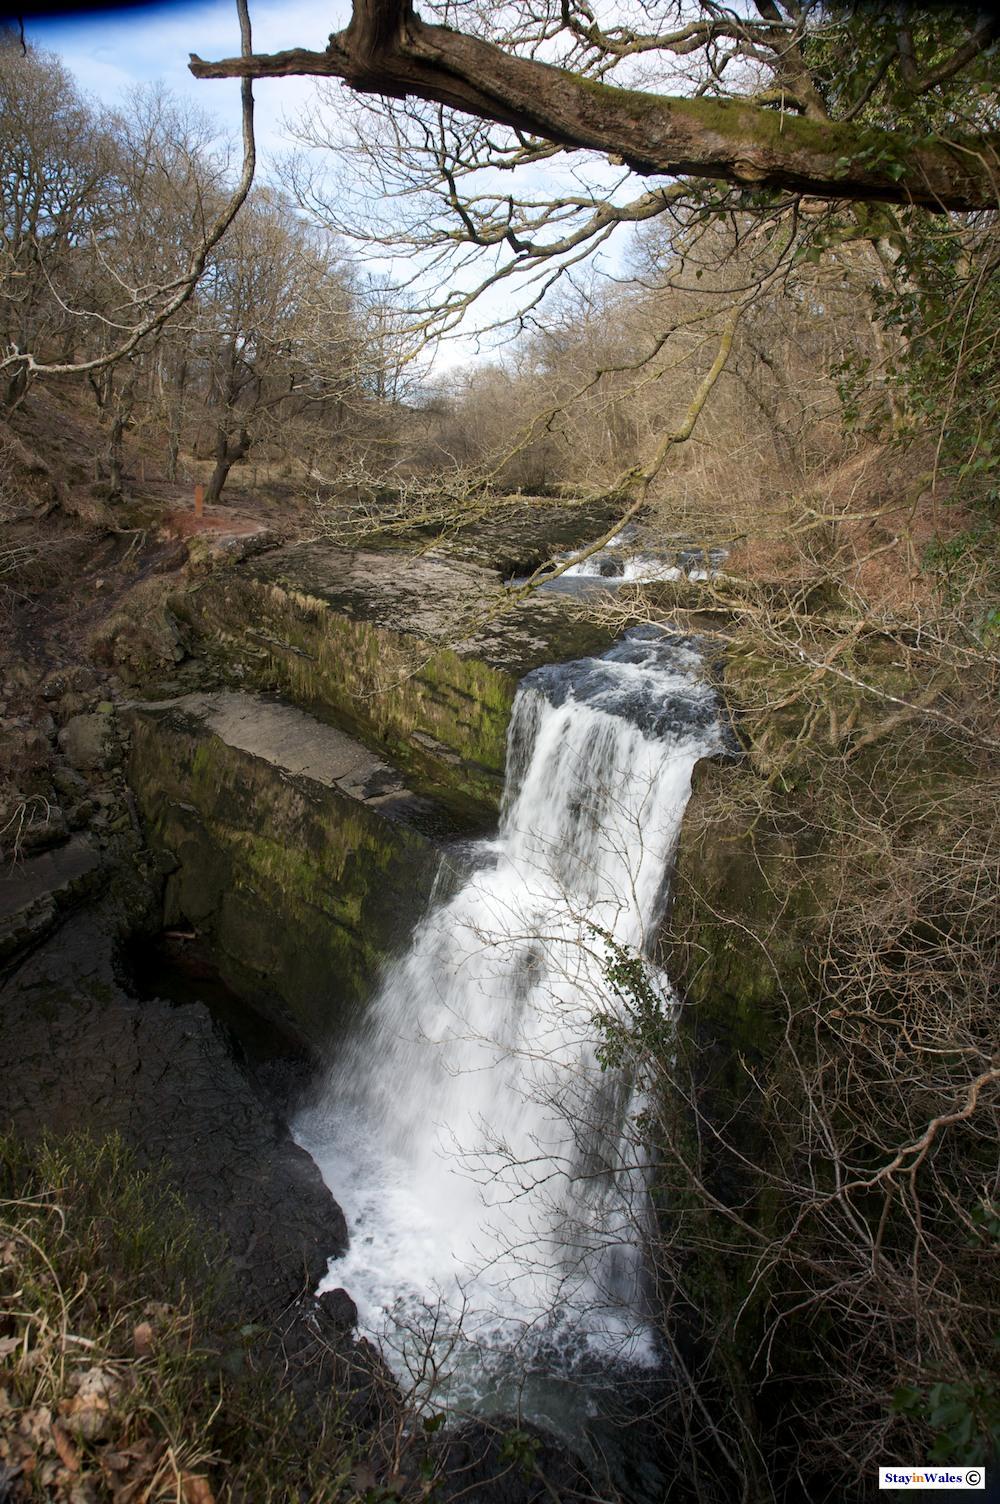 Sgwd Clun Gwyn waterfalls, Ystradfellte